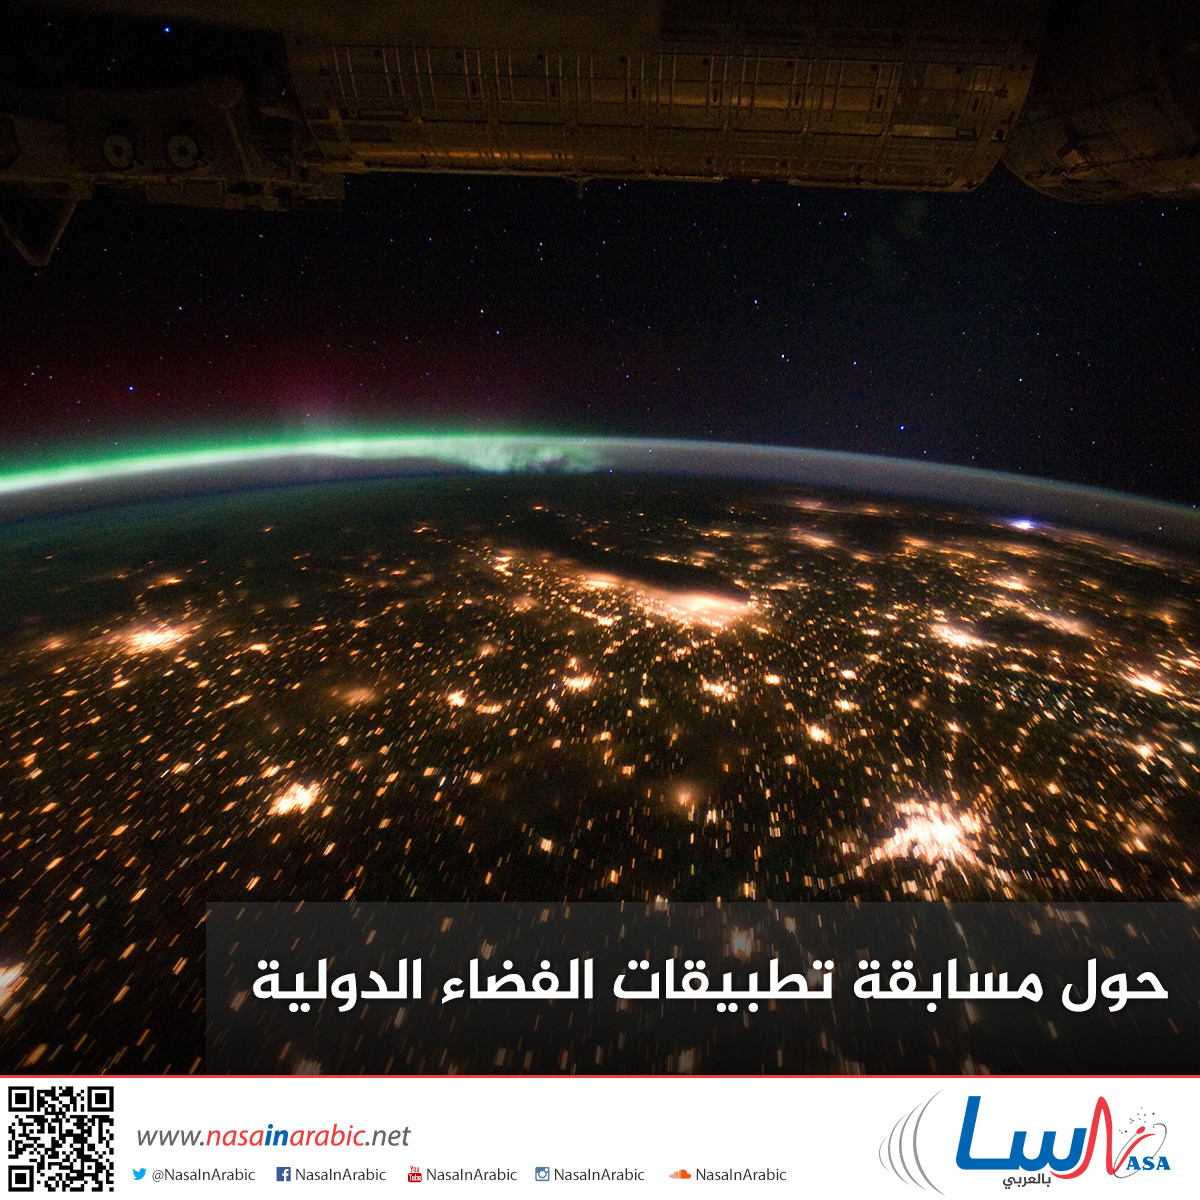 حول مسابقة تطبيقات الفضاء الدولية